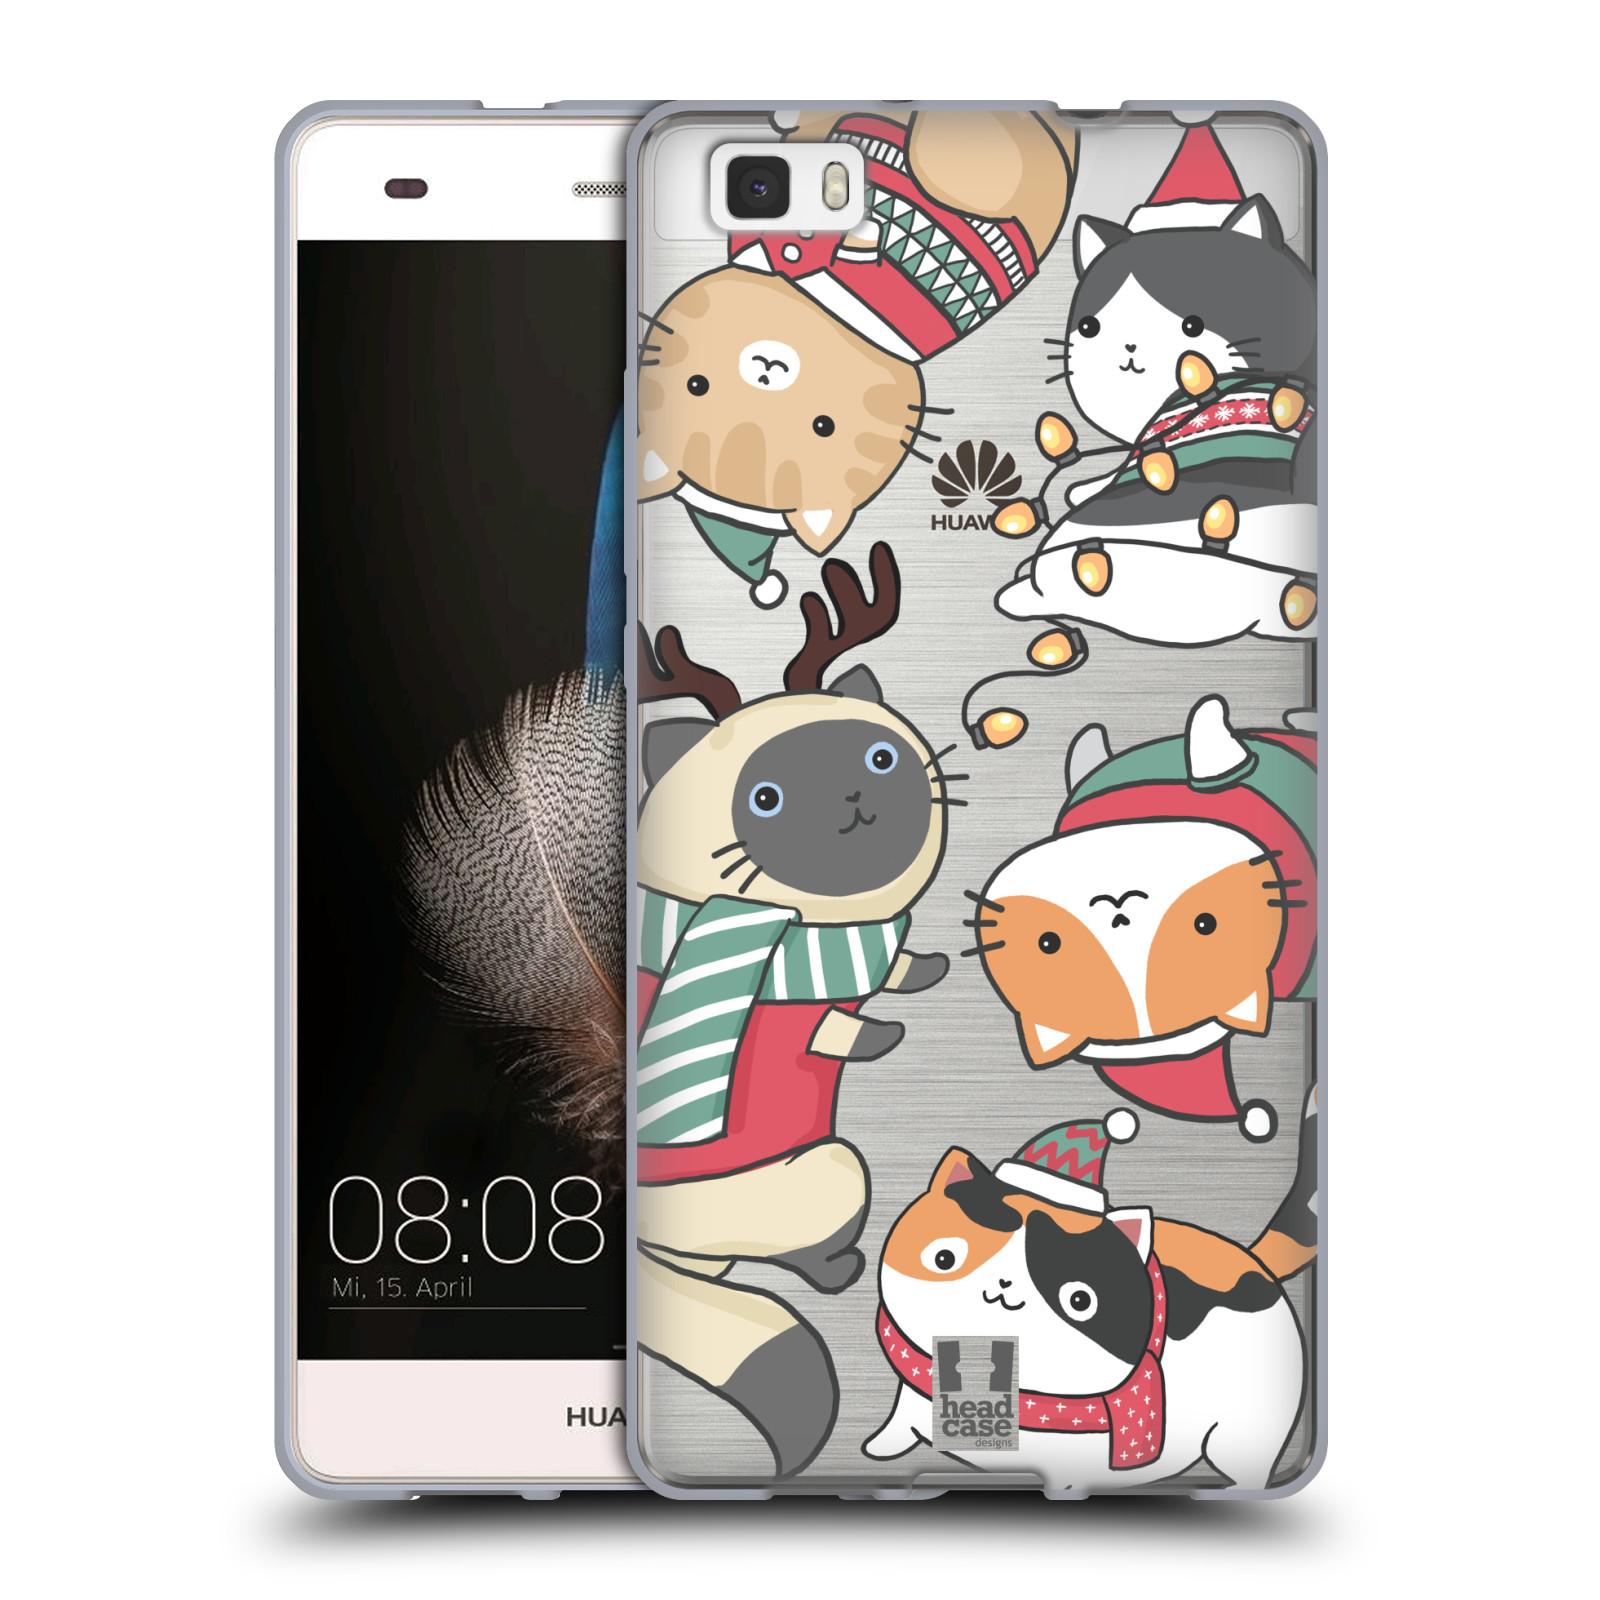 Silikonové pouzdro na mobil Huawei P8 Lite - Head Case - Vánoční kočičky